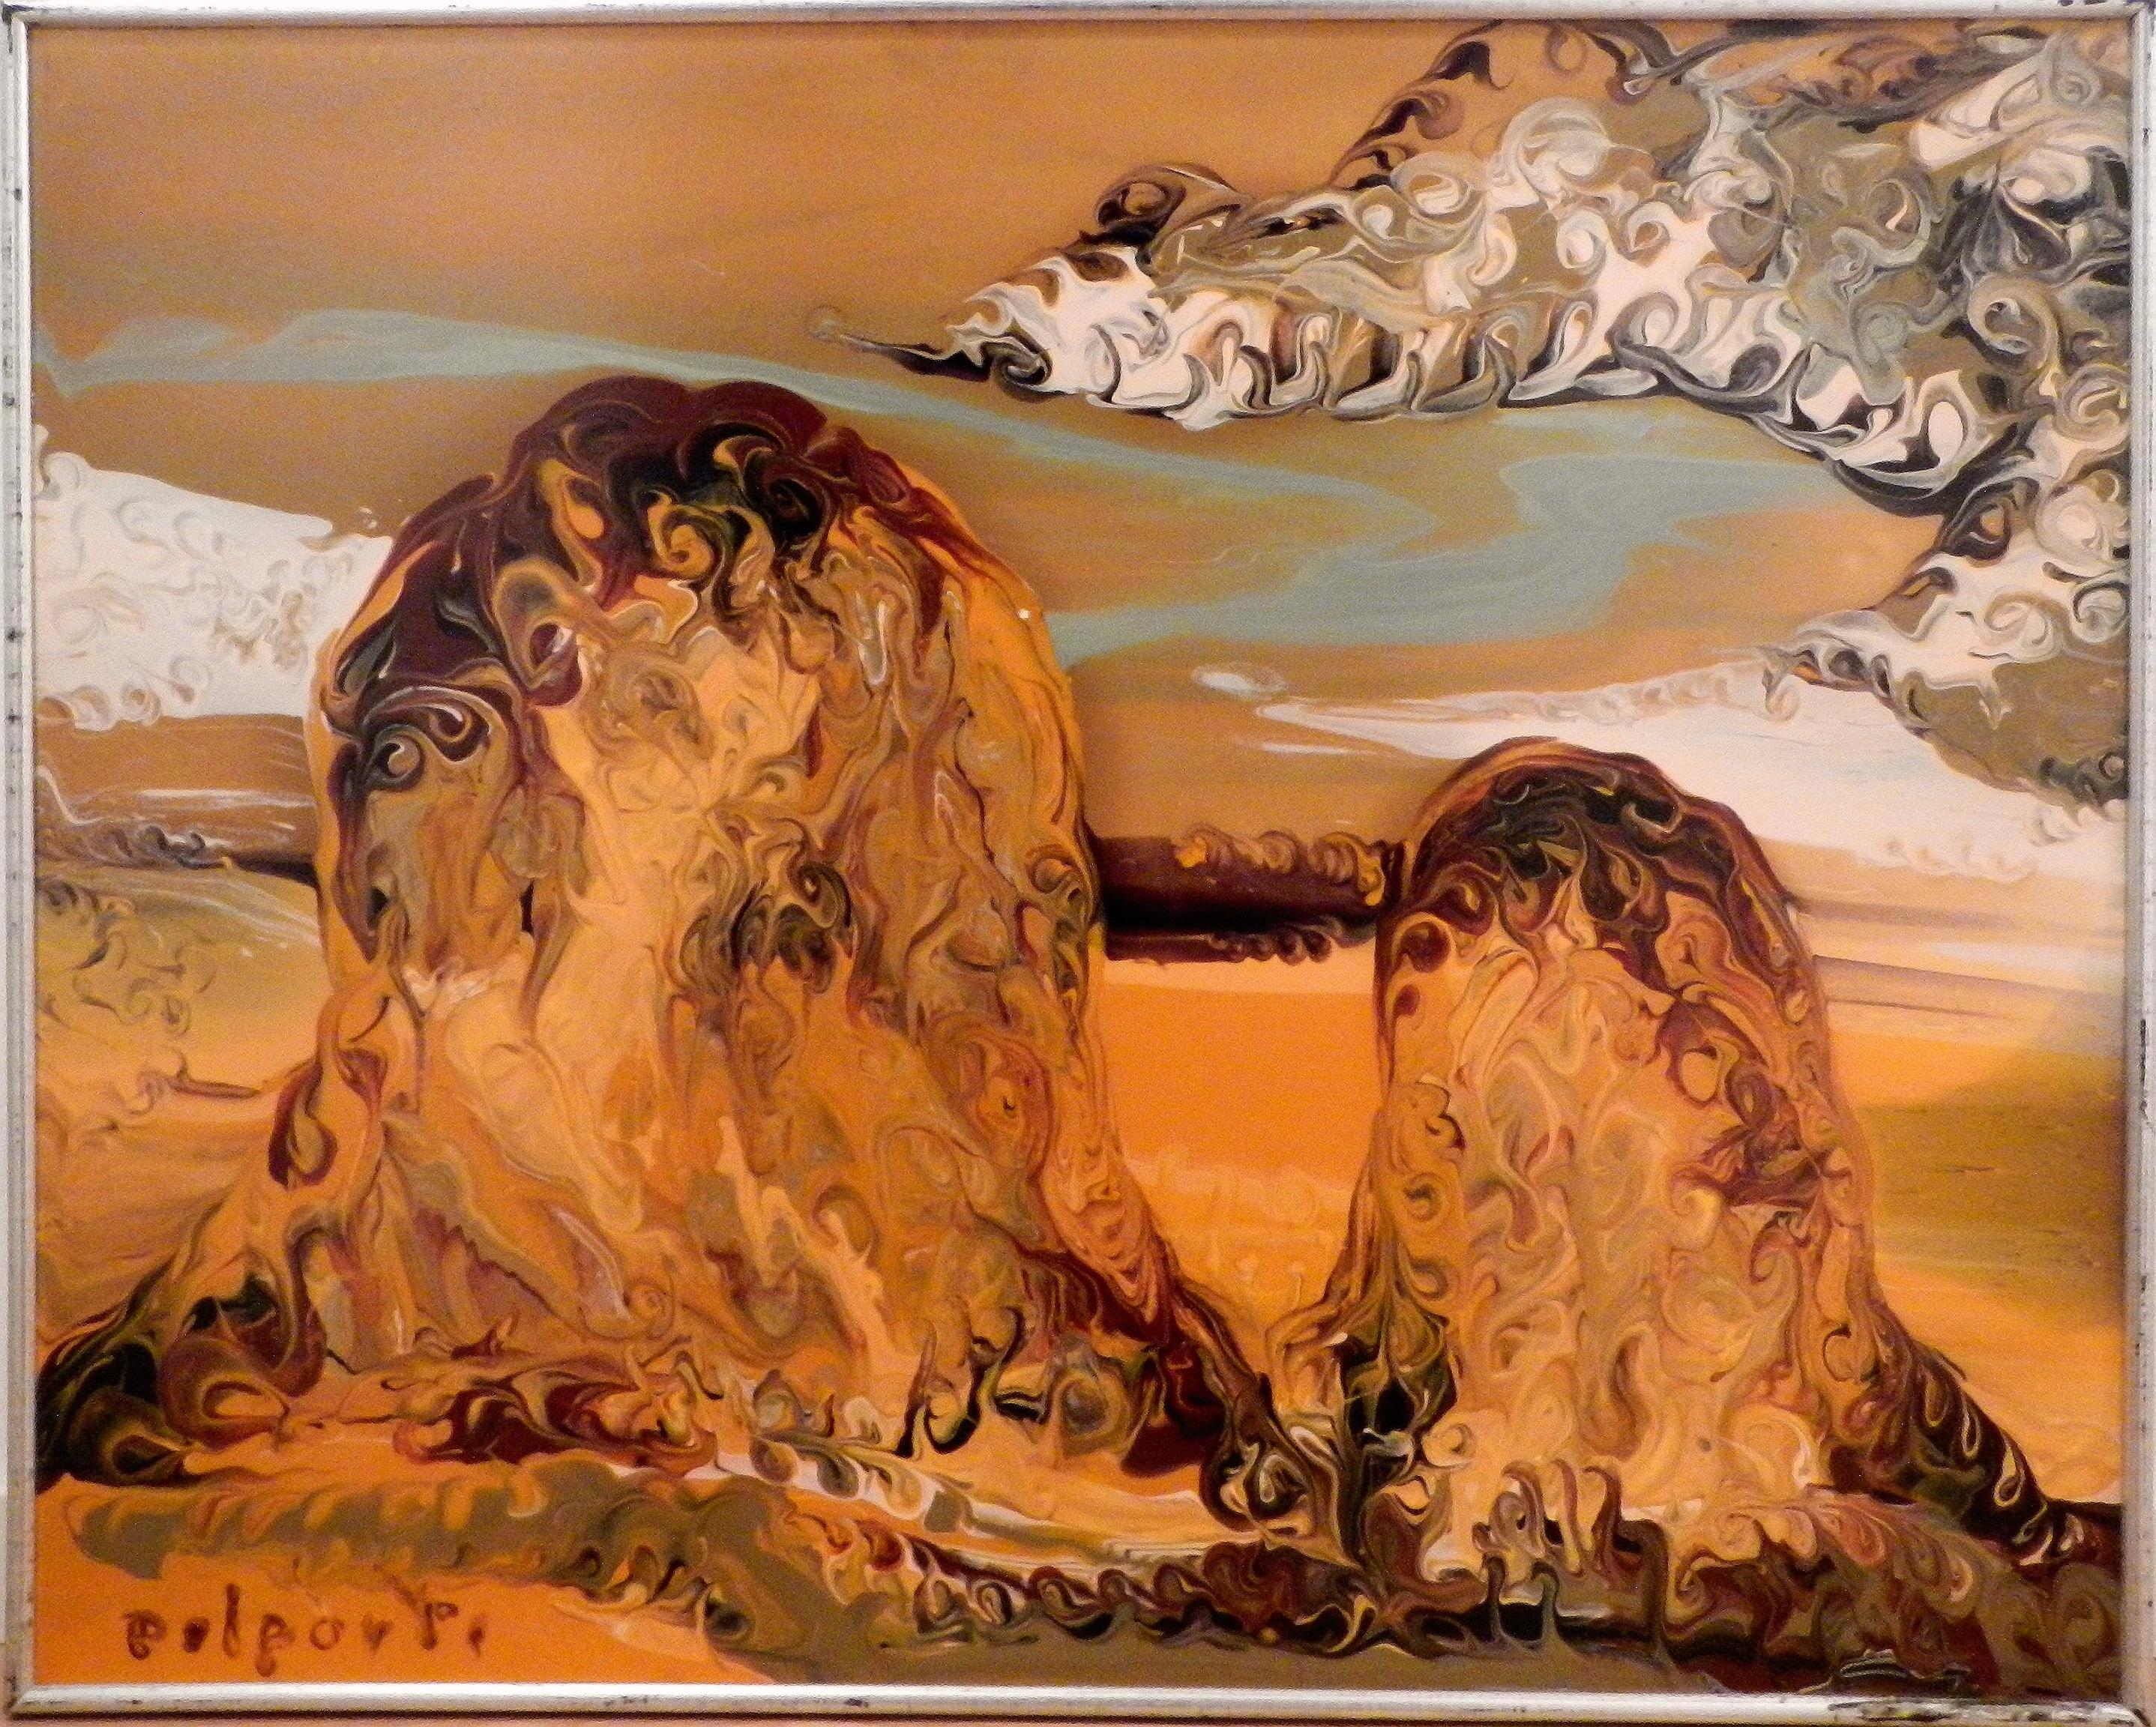 Delporte Charles- Les meules - 1998 - front